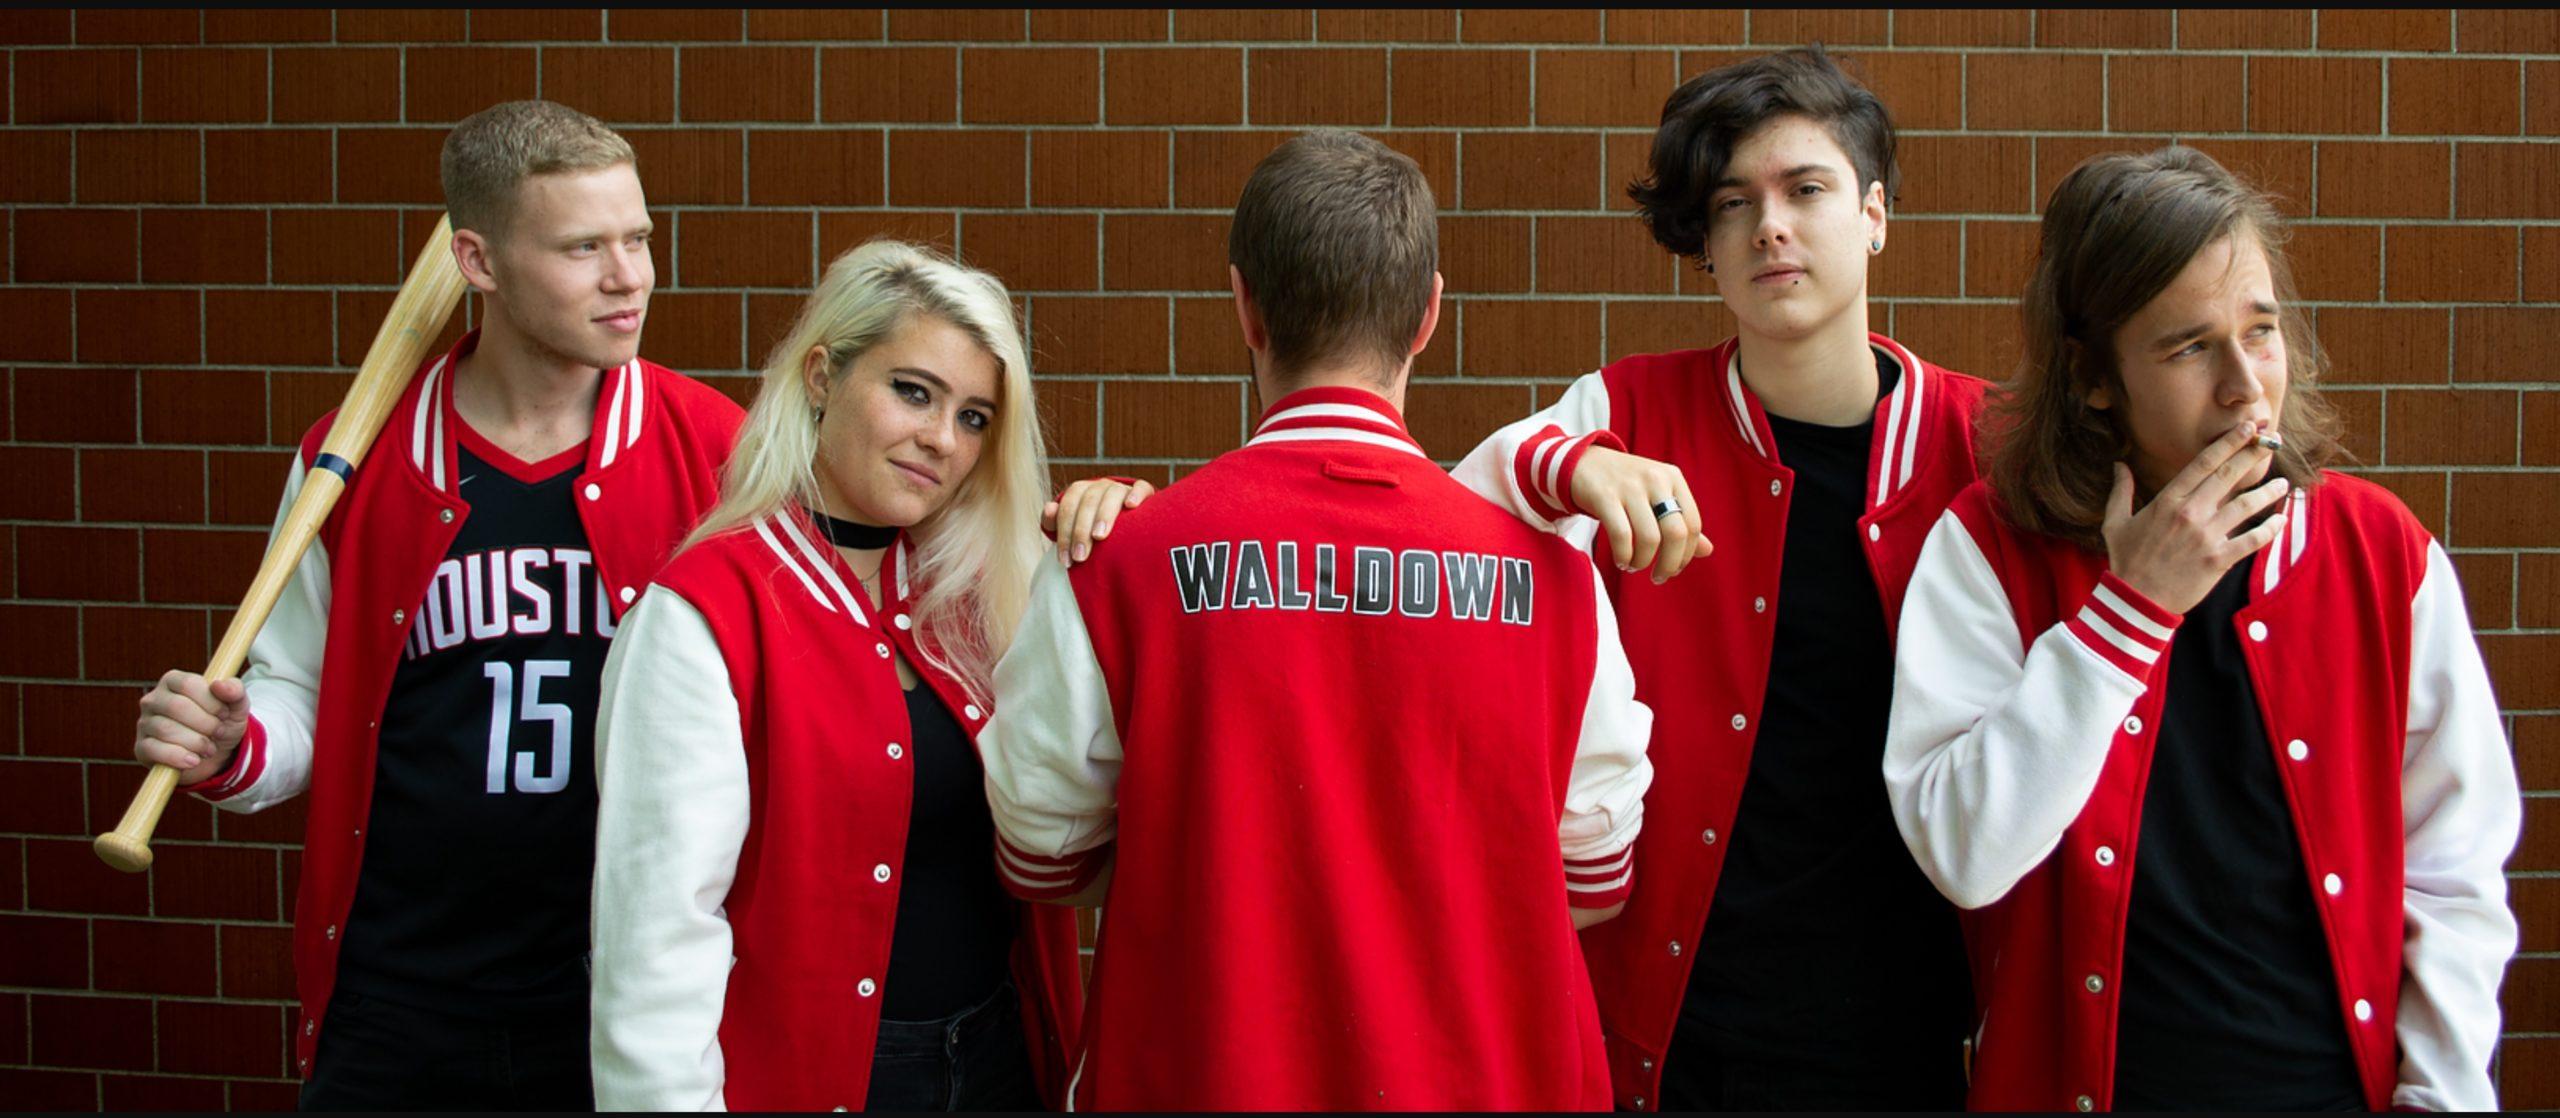 Walldown